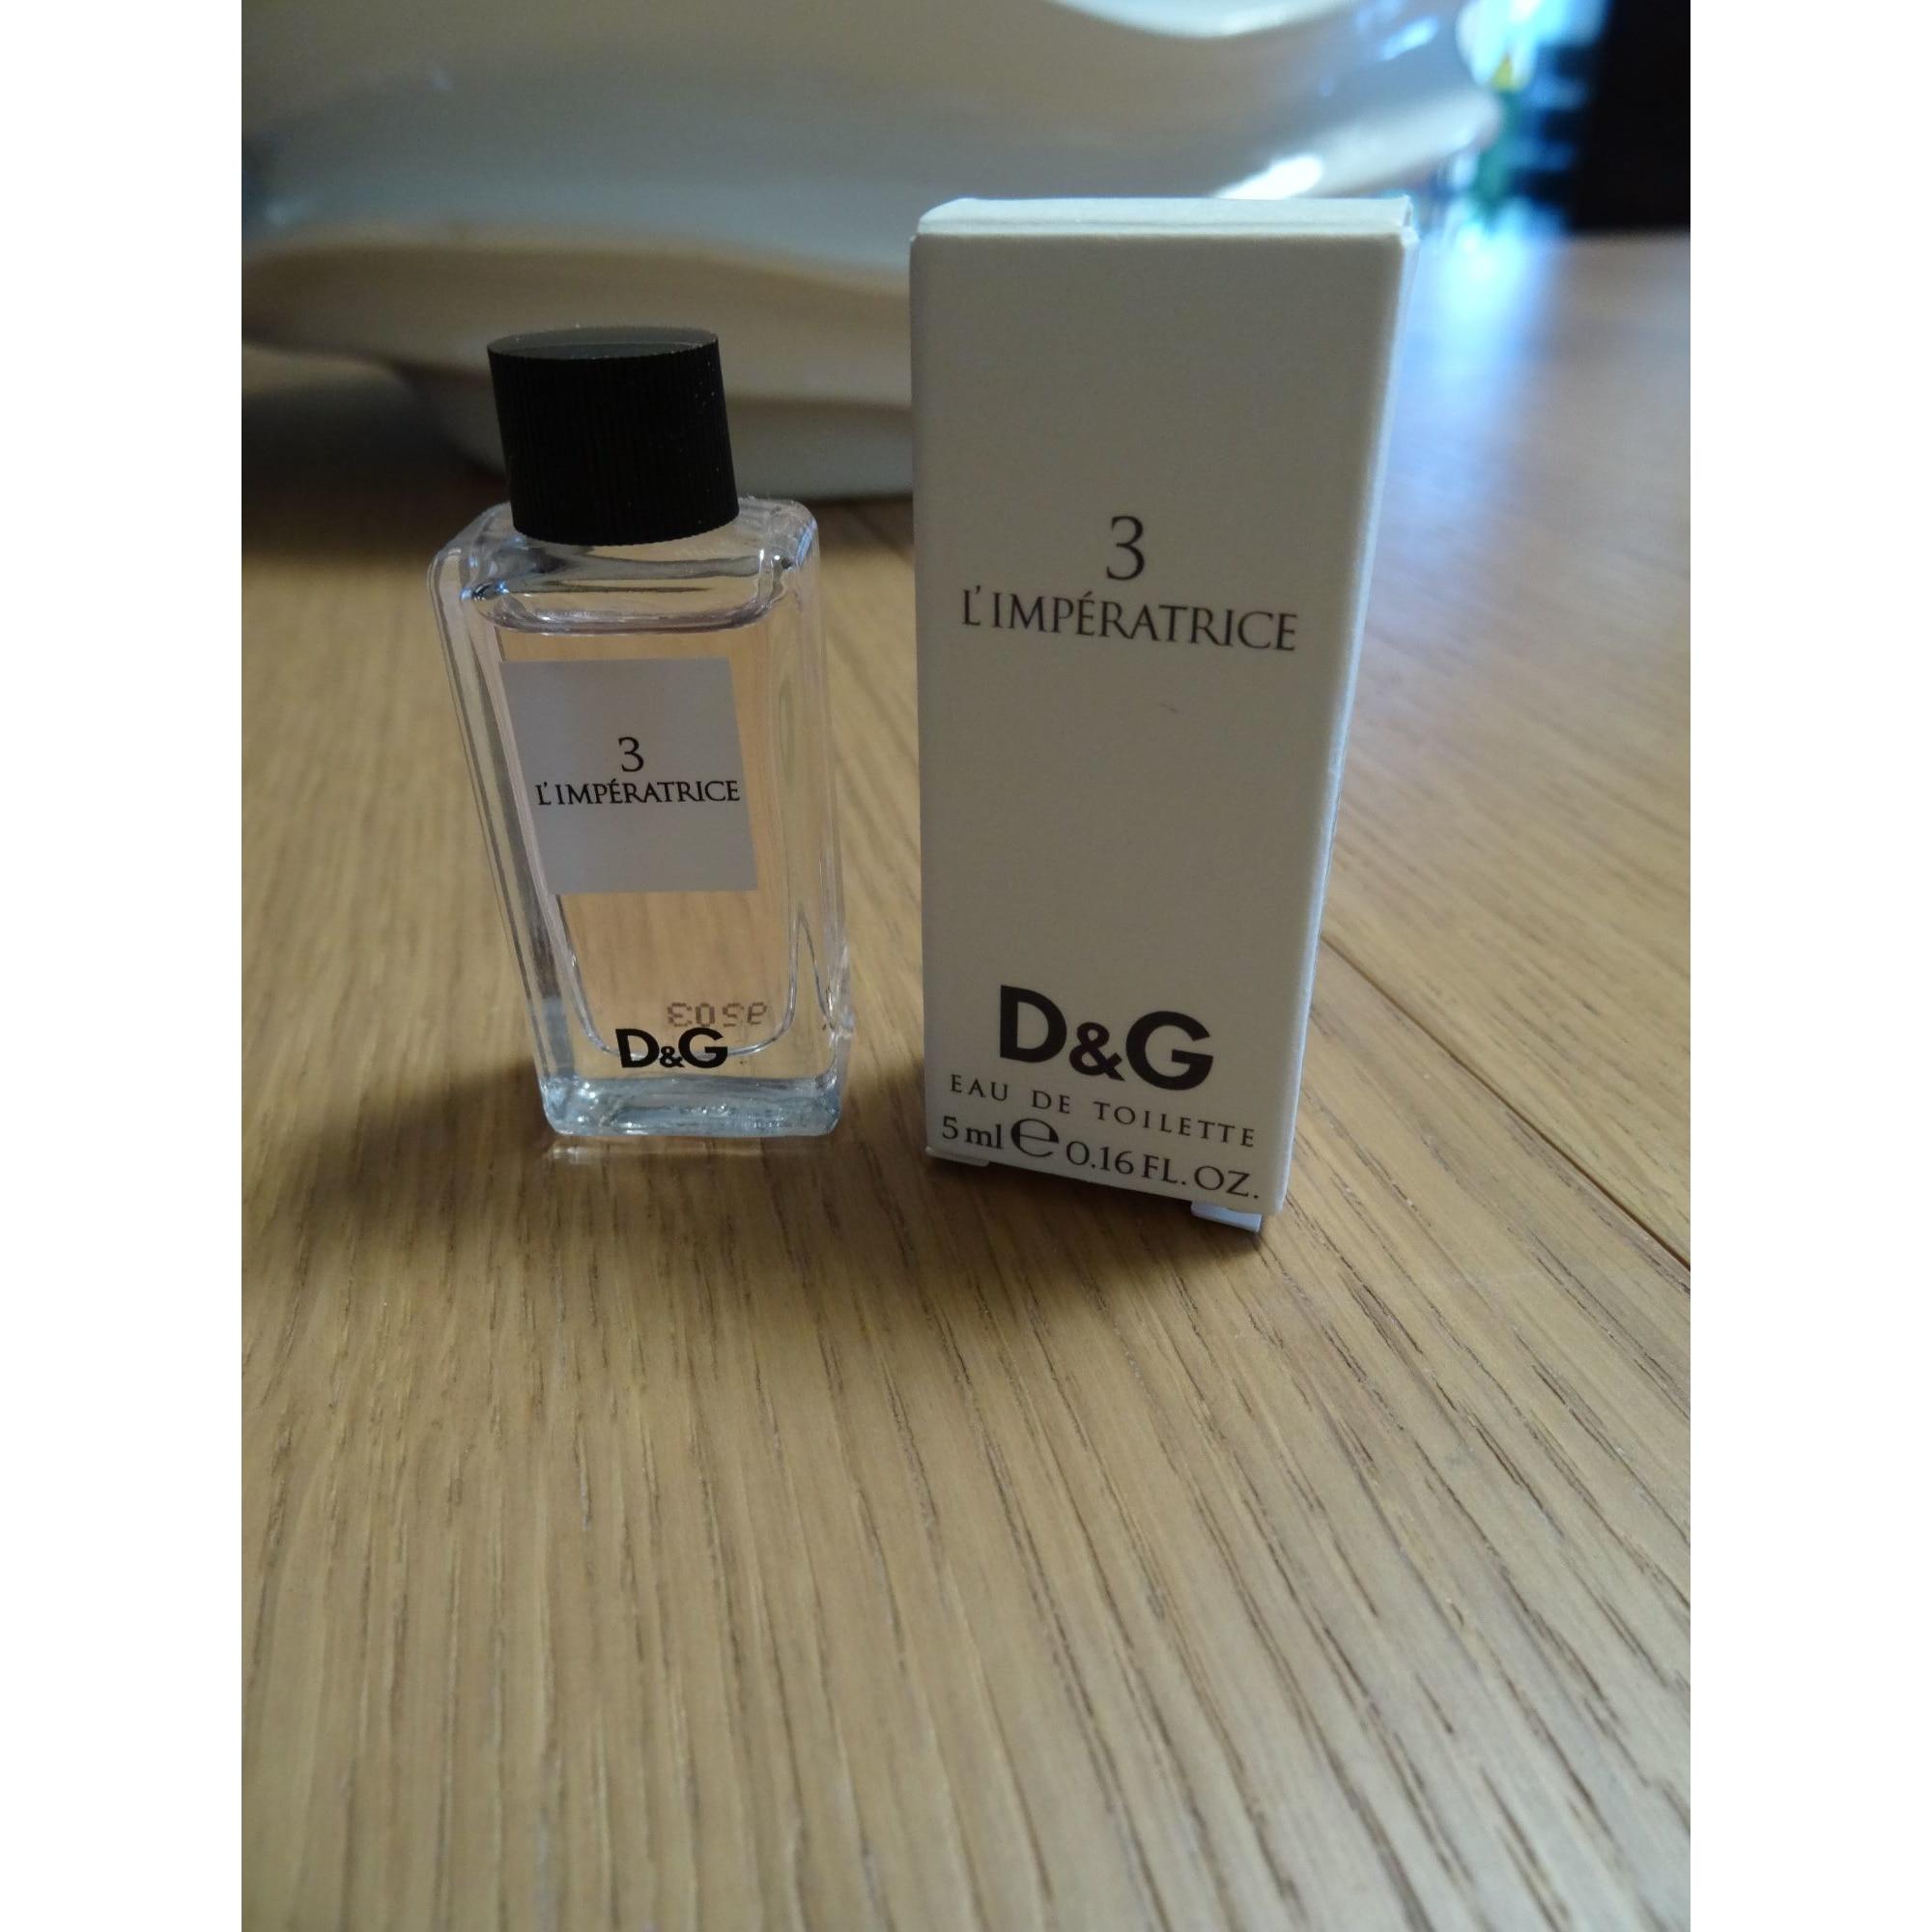 Parfum Parfum Miniature Parfum Miniature Miniature Parfum Miniature Parfum Miniature Miniature DW2EH9I